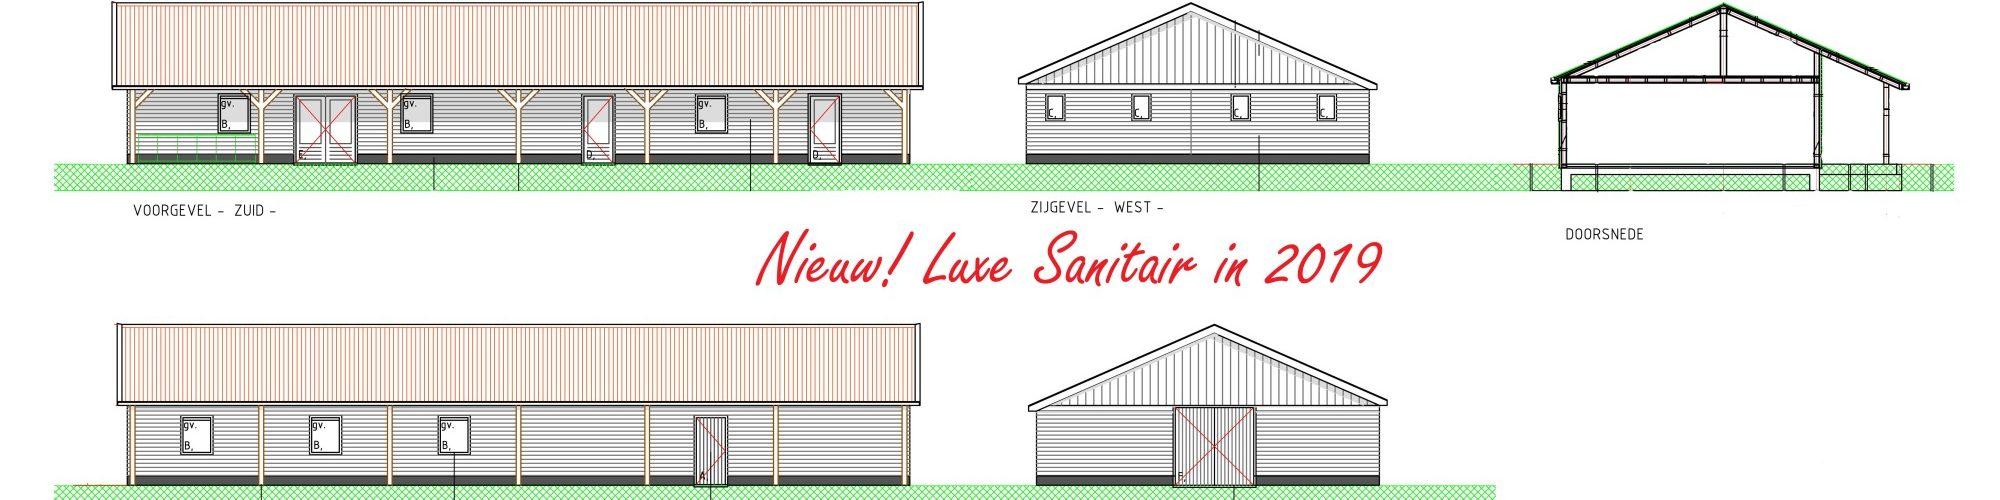 nieuw luxe sanitair